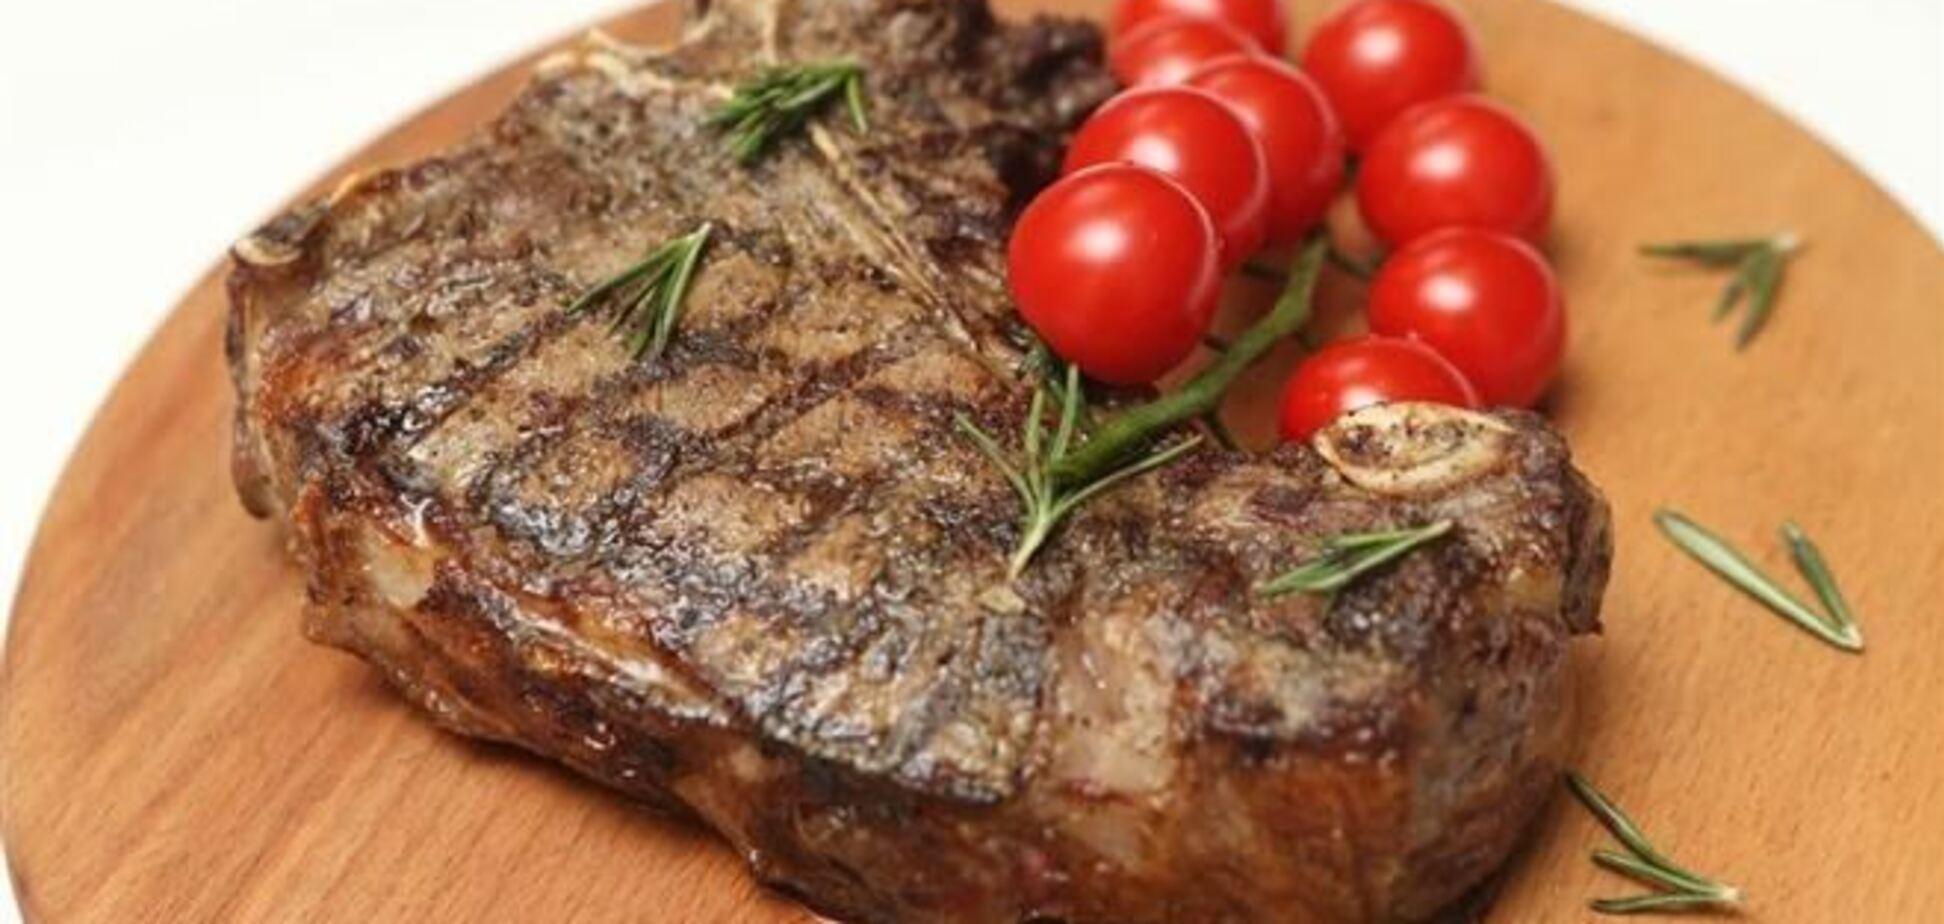 Самые известные деликатесы. Флорентийский стейк